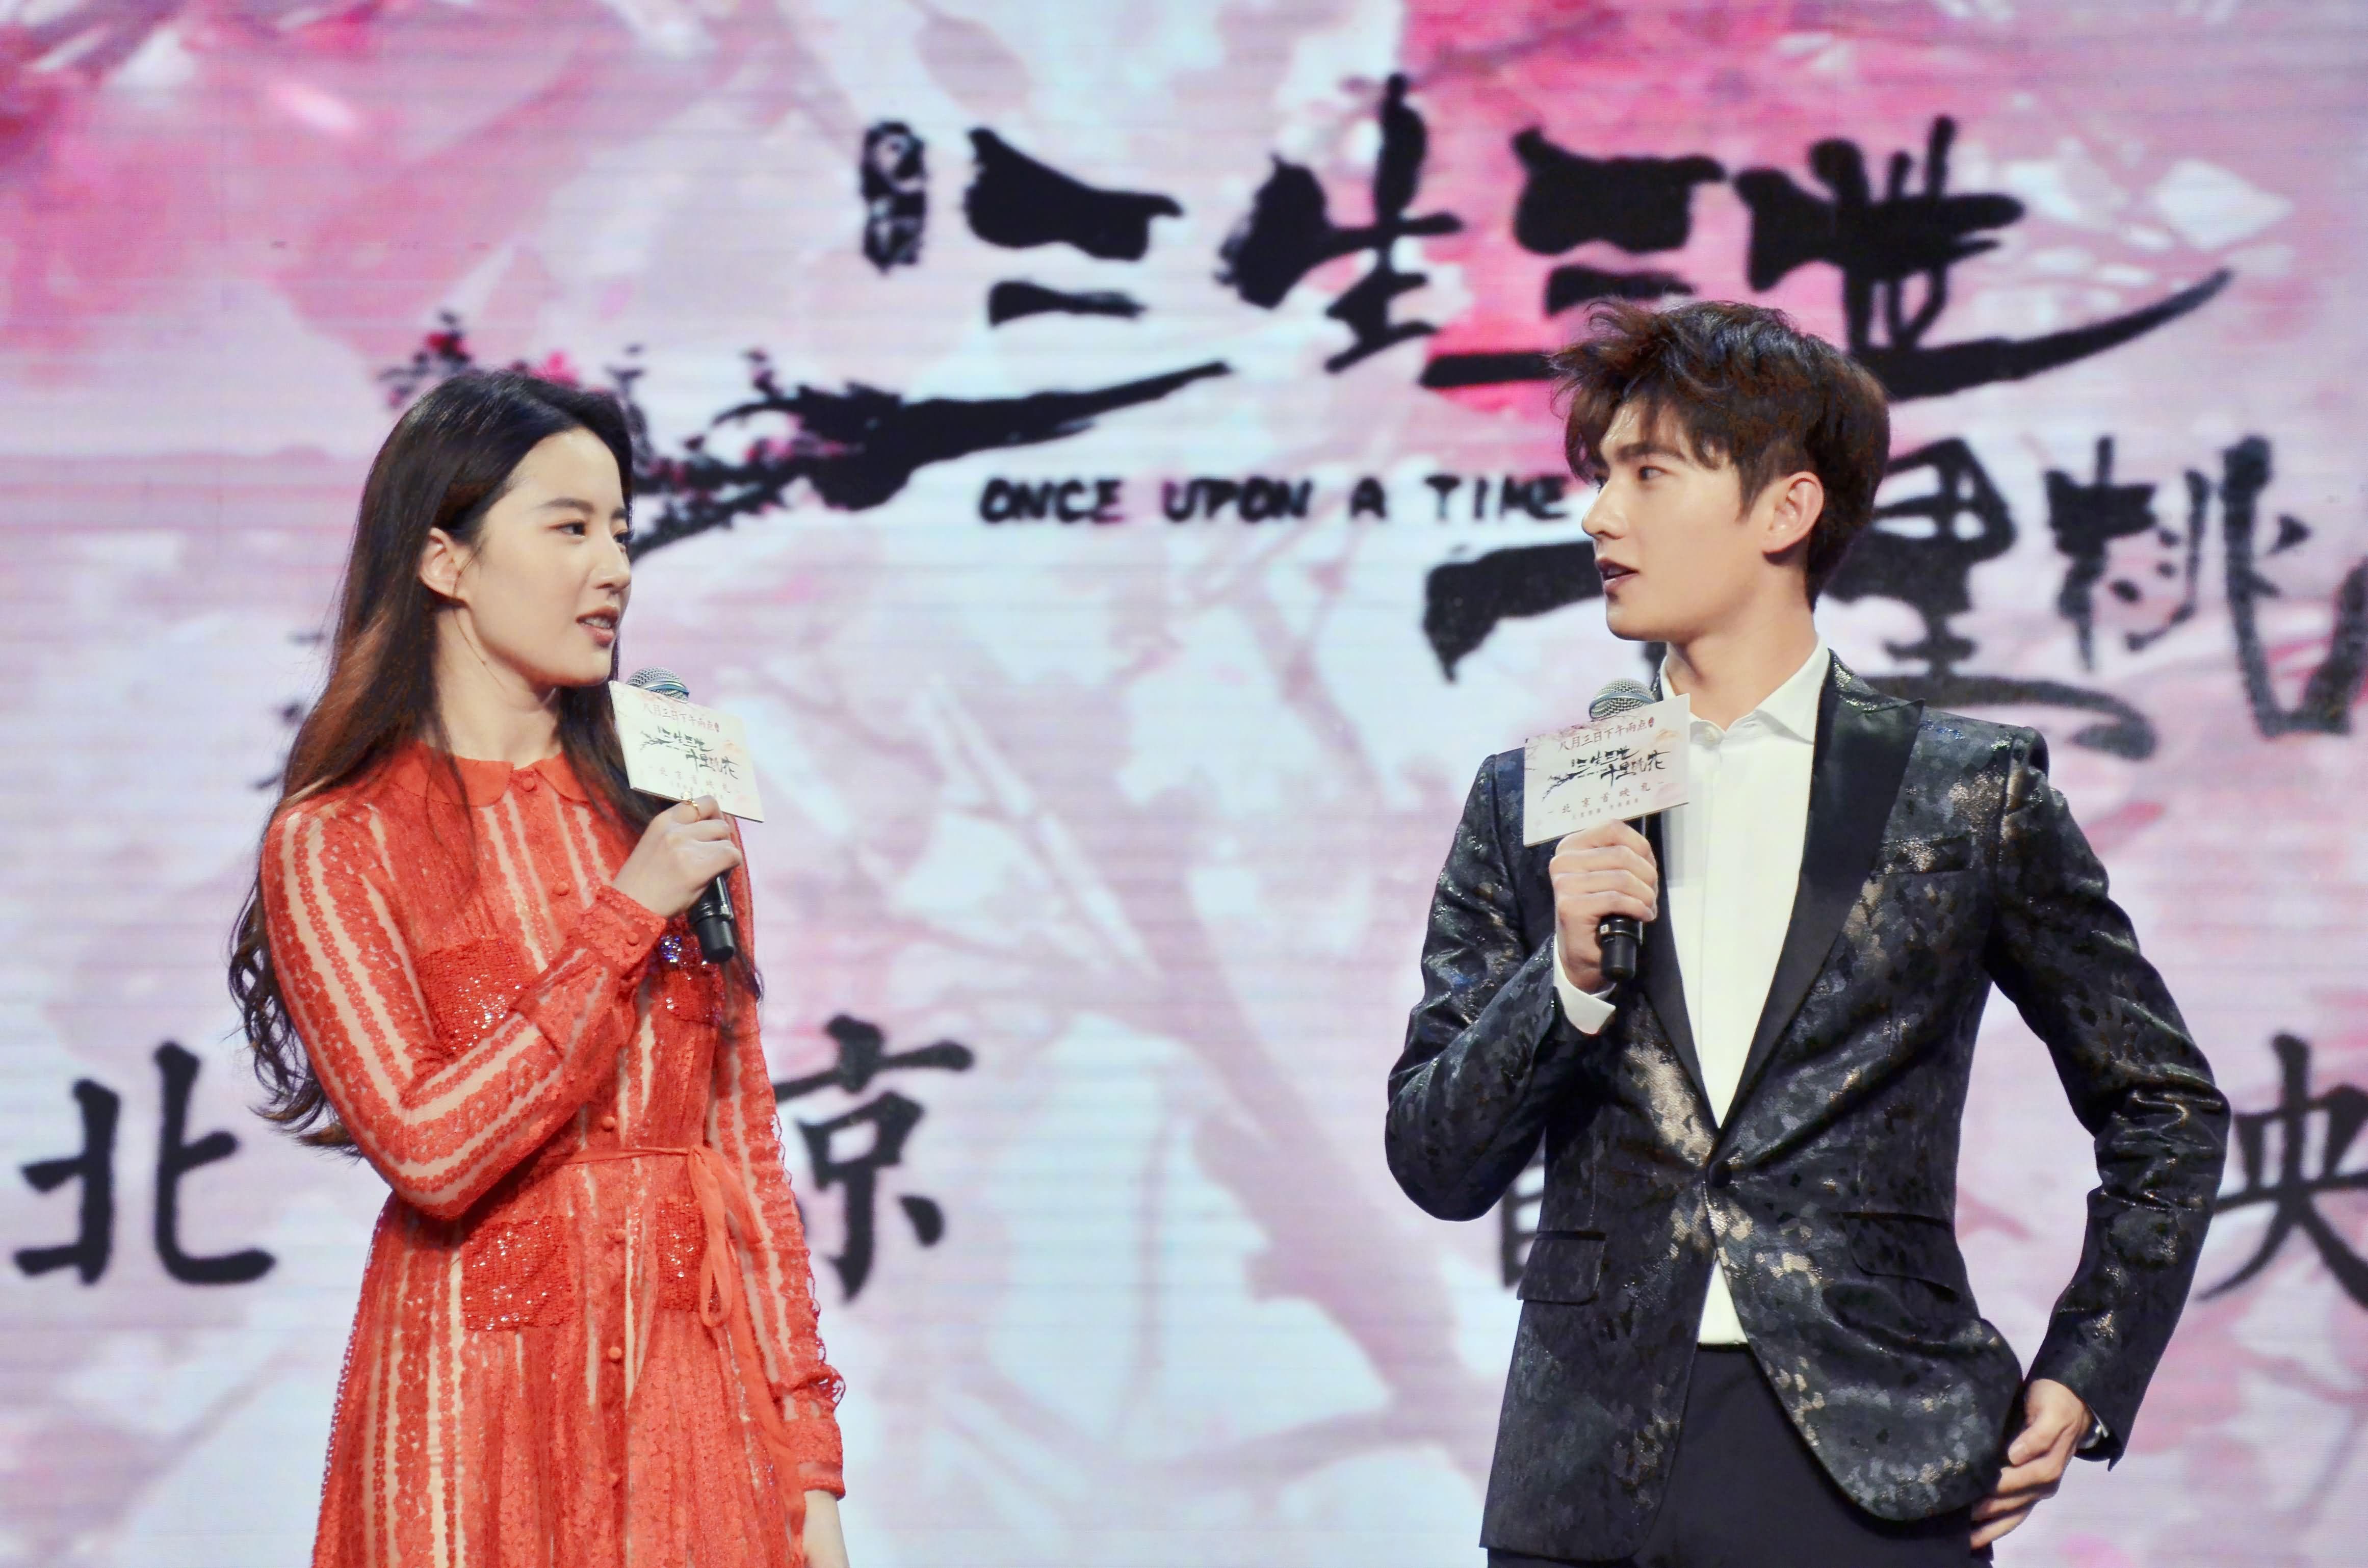 电影《三生三世十里桃花》北京首映活动现场照片